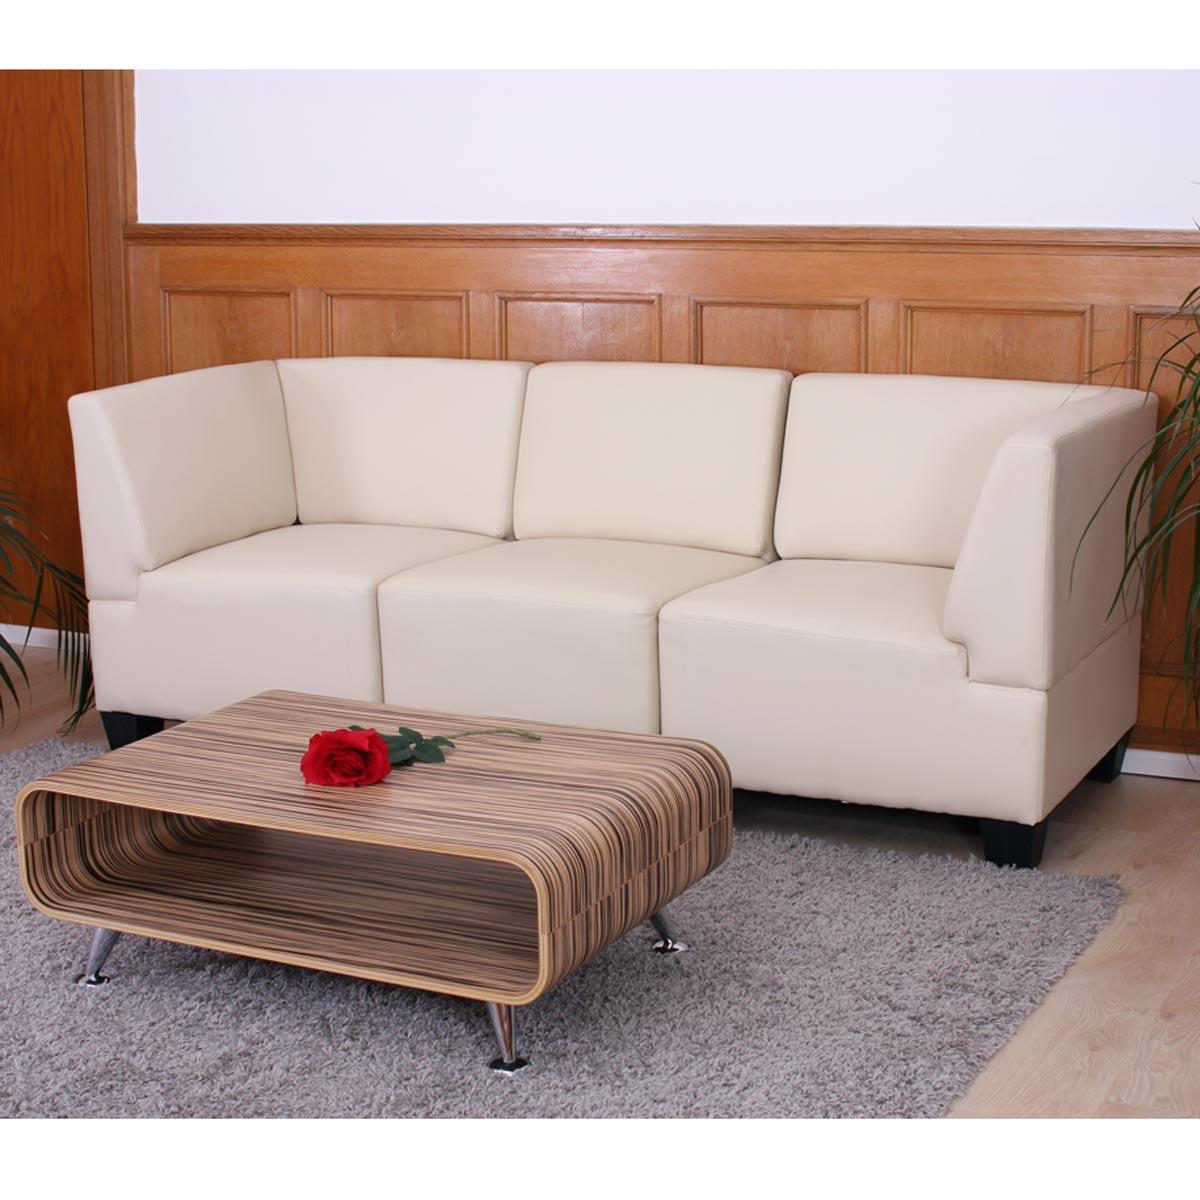 Full Size of Kunstleder Sofa Modular 3 Sitzer Couch Lyon Hersteller Gelb Chesterfield Gebraucht Bezug Ecksofa Big Sam Mit Verstellbarer Sitztiefe Poco Creme Xxl Grau Sofa Kunstleder Sofa